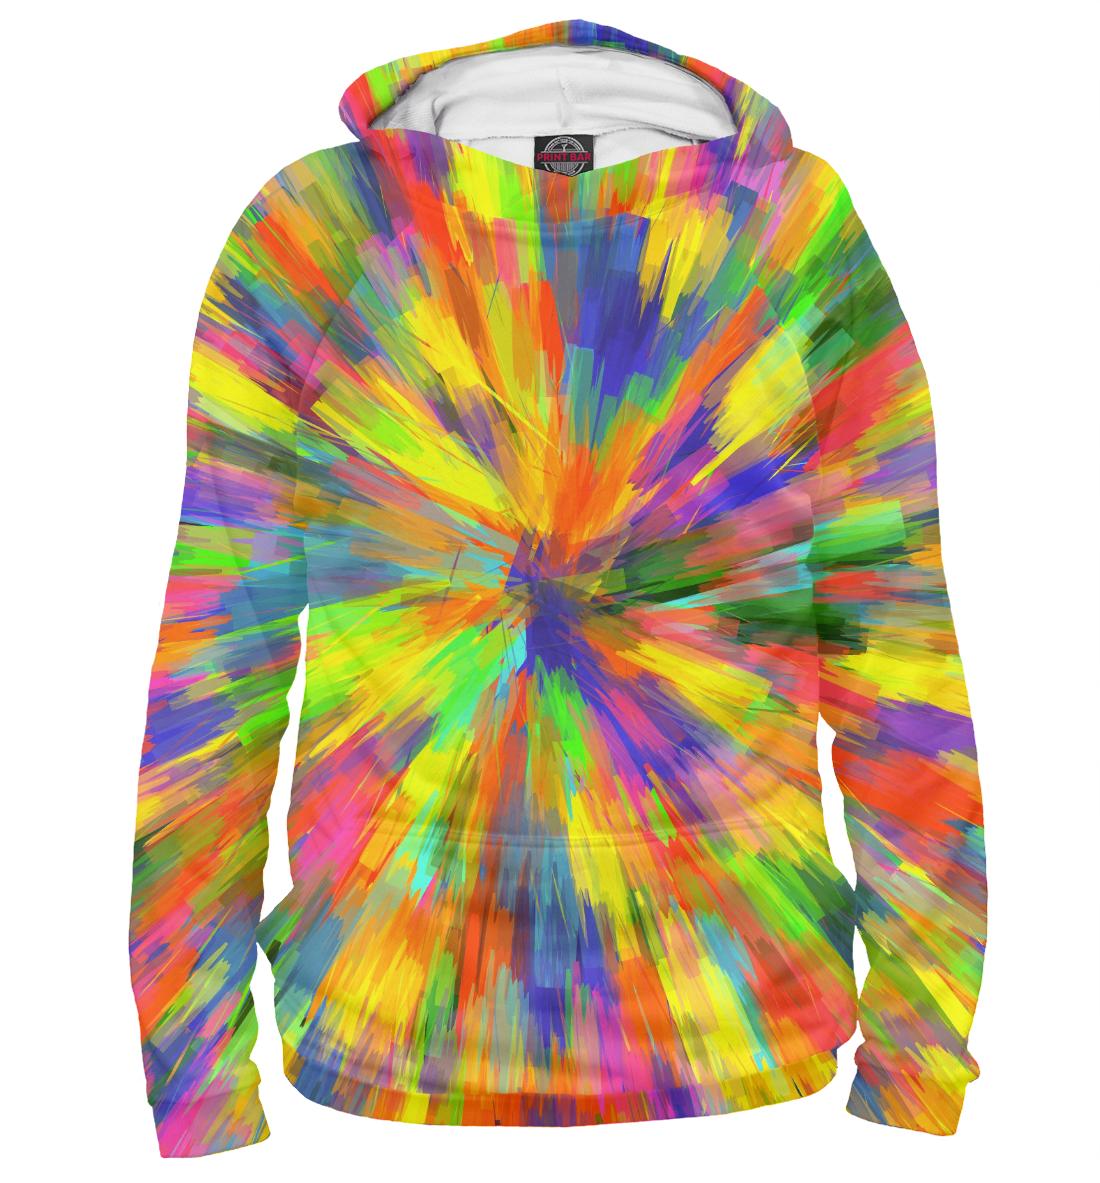 Купить Взрывные краски, Printbar, Худи, CLR-955898-hud-2